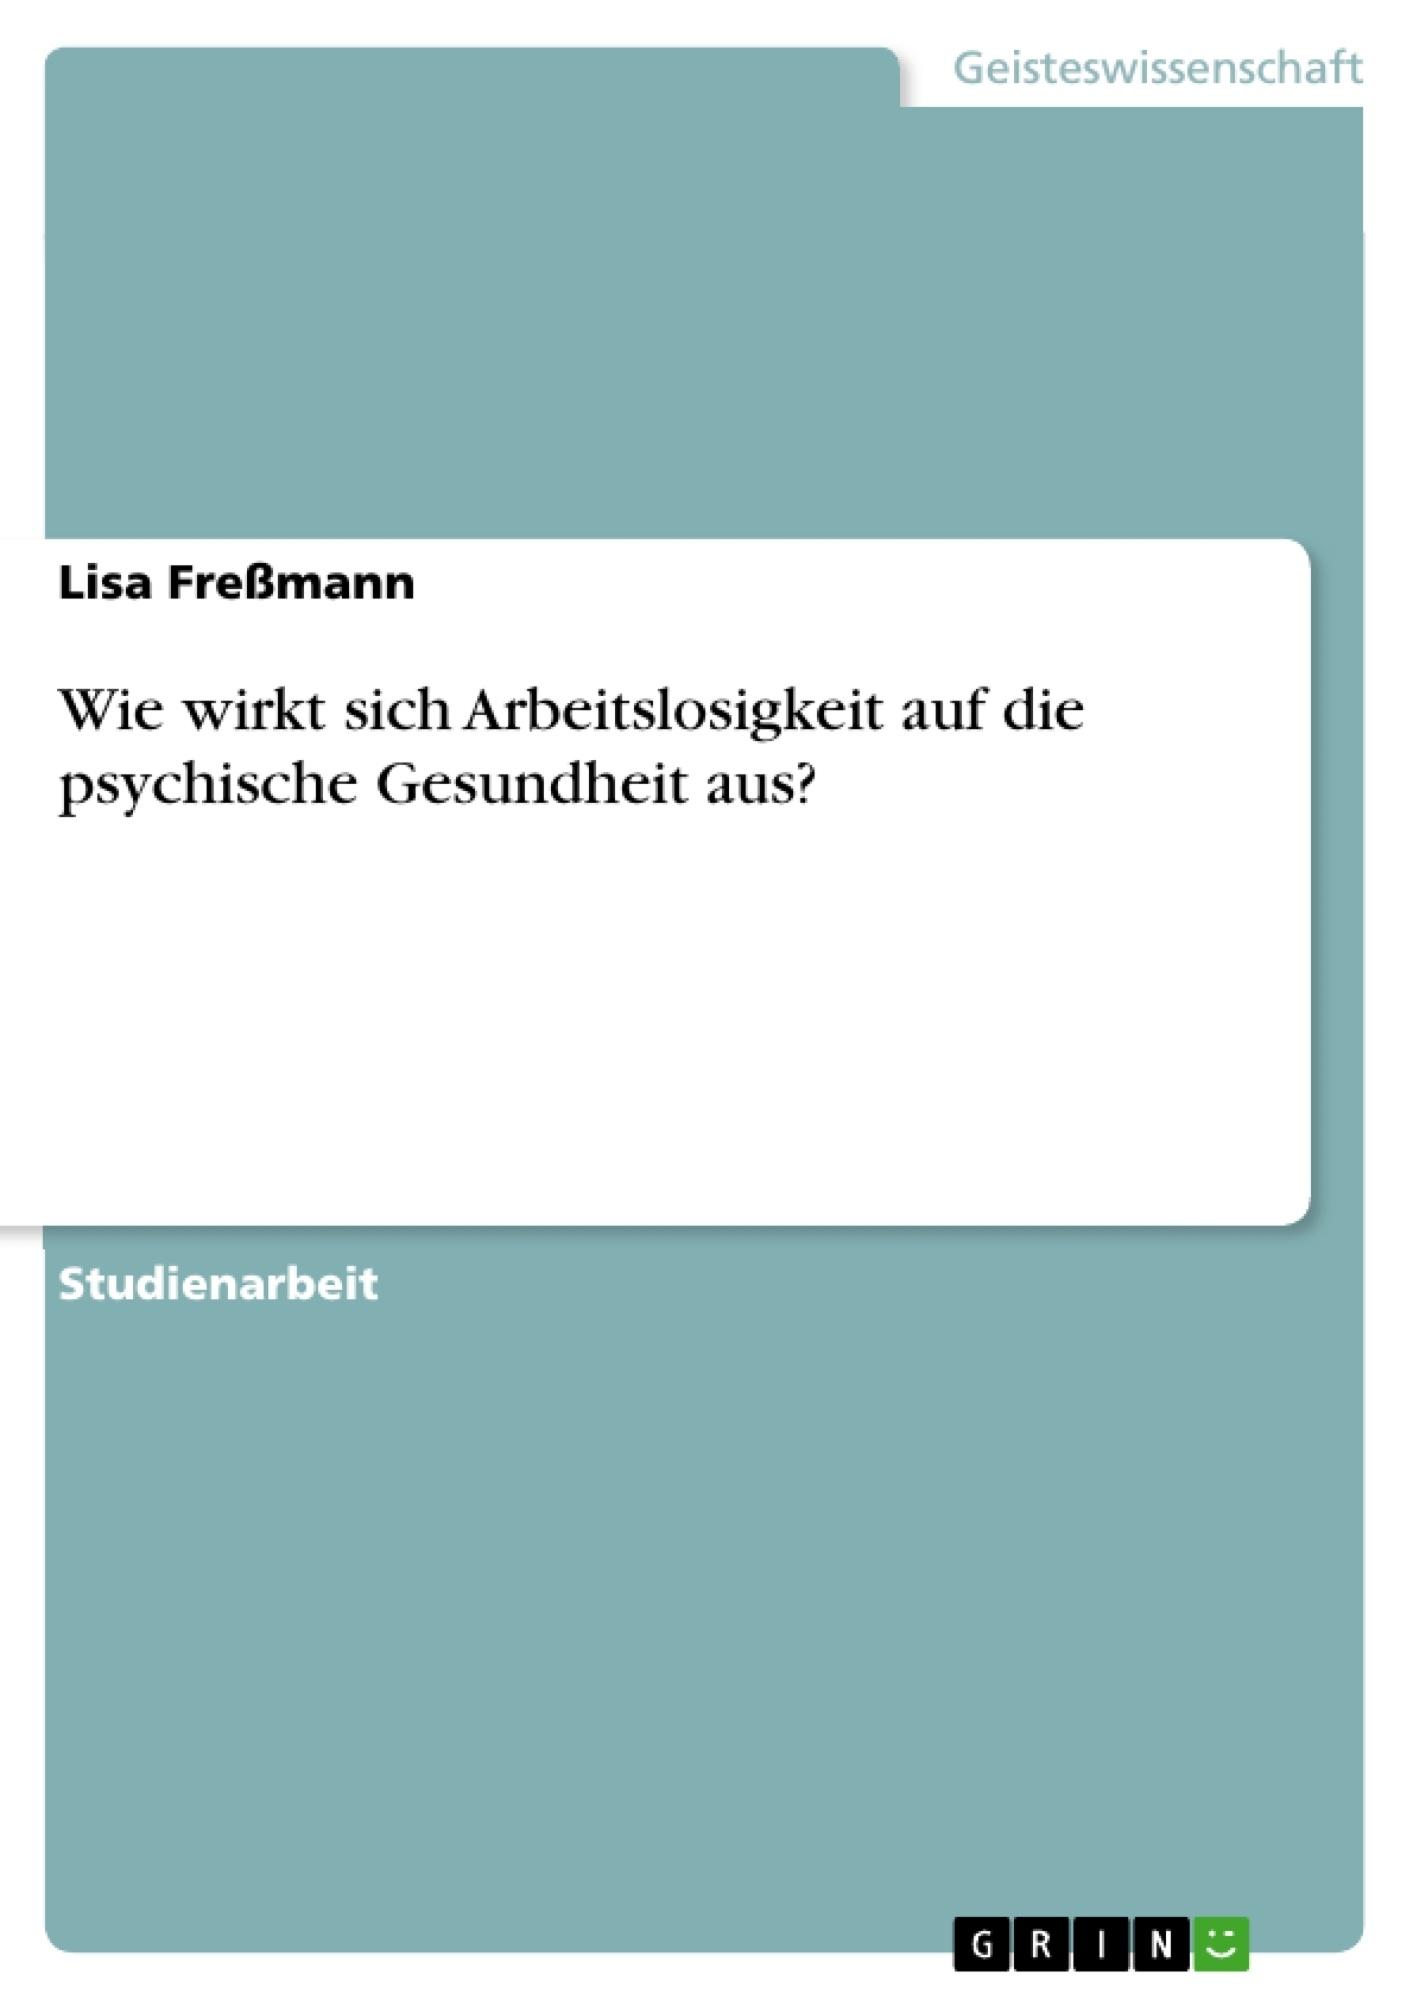 Titel: Wie wirkt sich Arbeitslosigkeit auf die psychische Gesundheit aus?